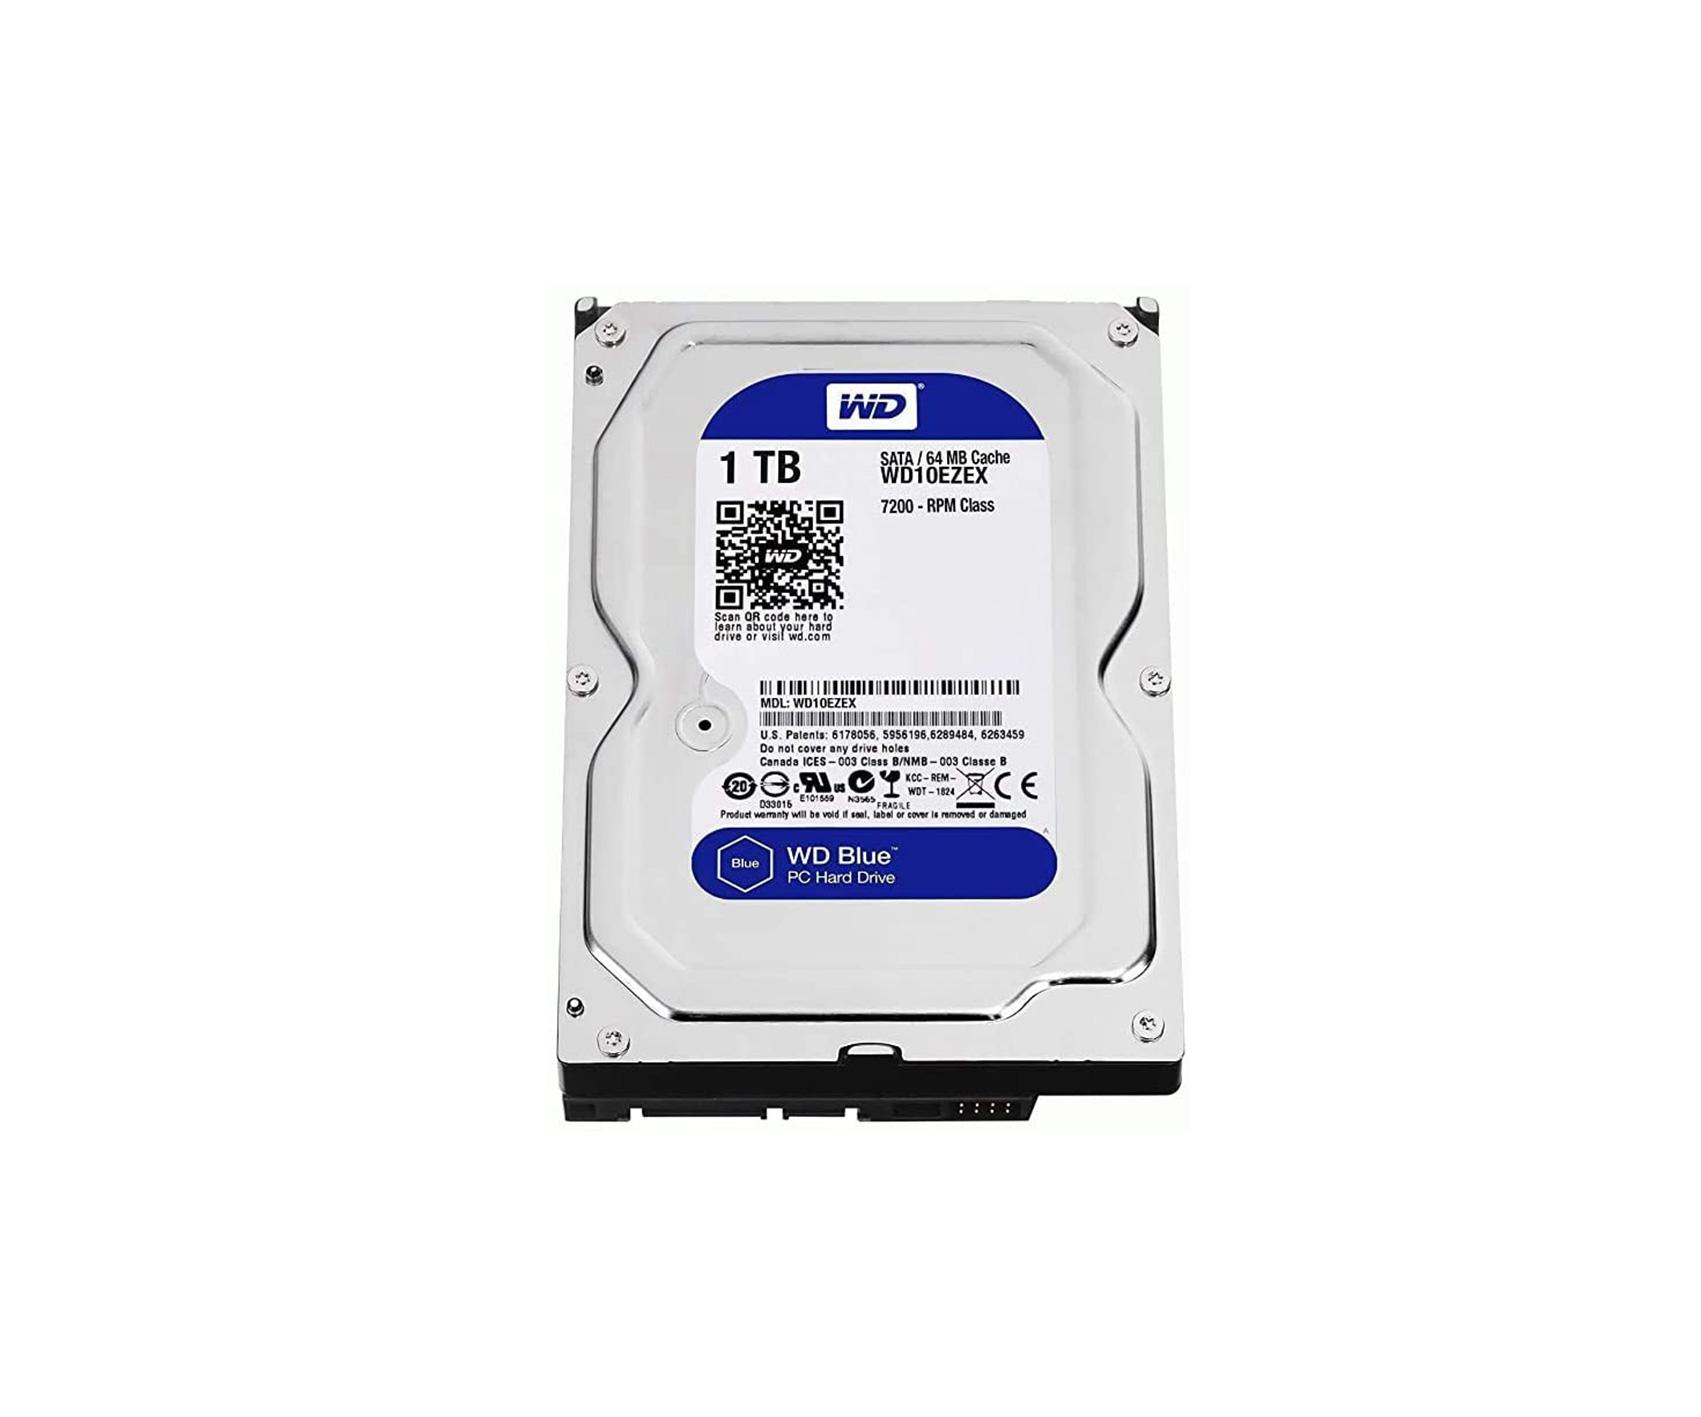 WD Blue 3.5 inch 1tb HDD